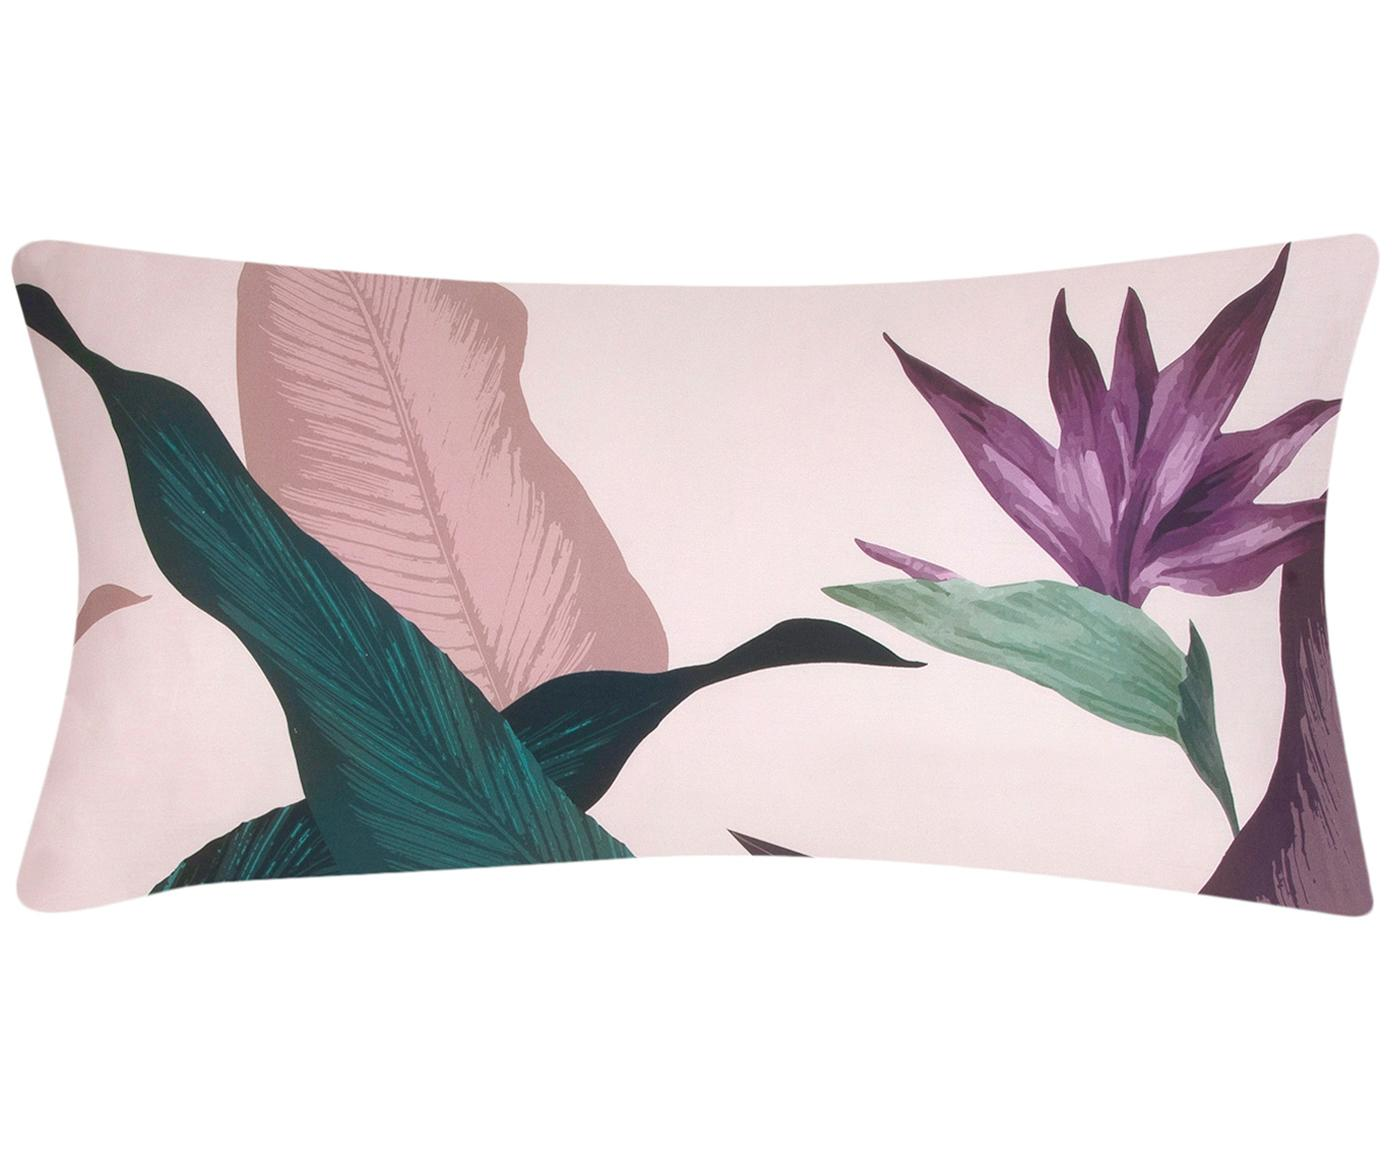 Baumwollsatin-Kissenbezüge Flora in Altrosa, 2 Stück, Webart: Satin Fadendichte 210 TC,, Vorderseite: MehrfarbigRückseite: Altrosa, 40 x 80 cm